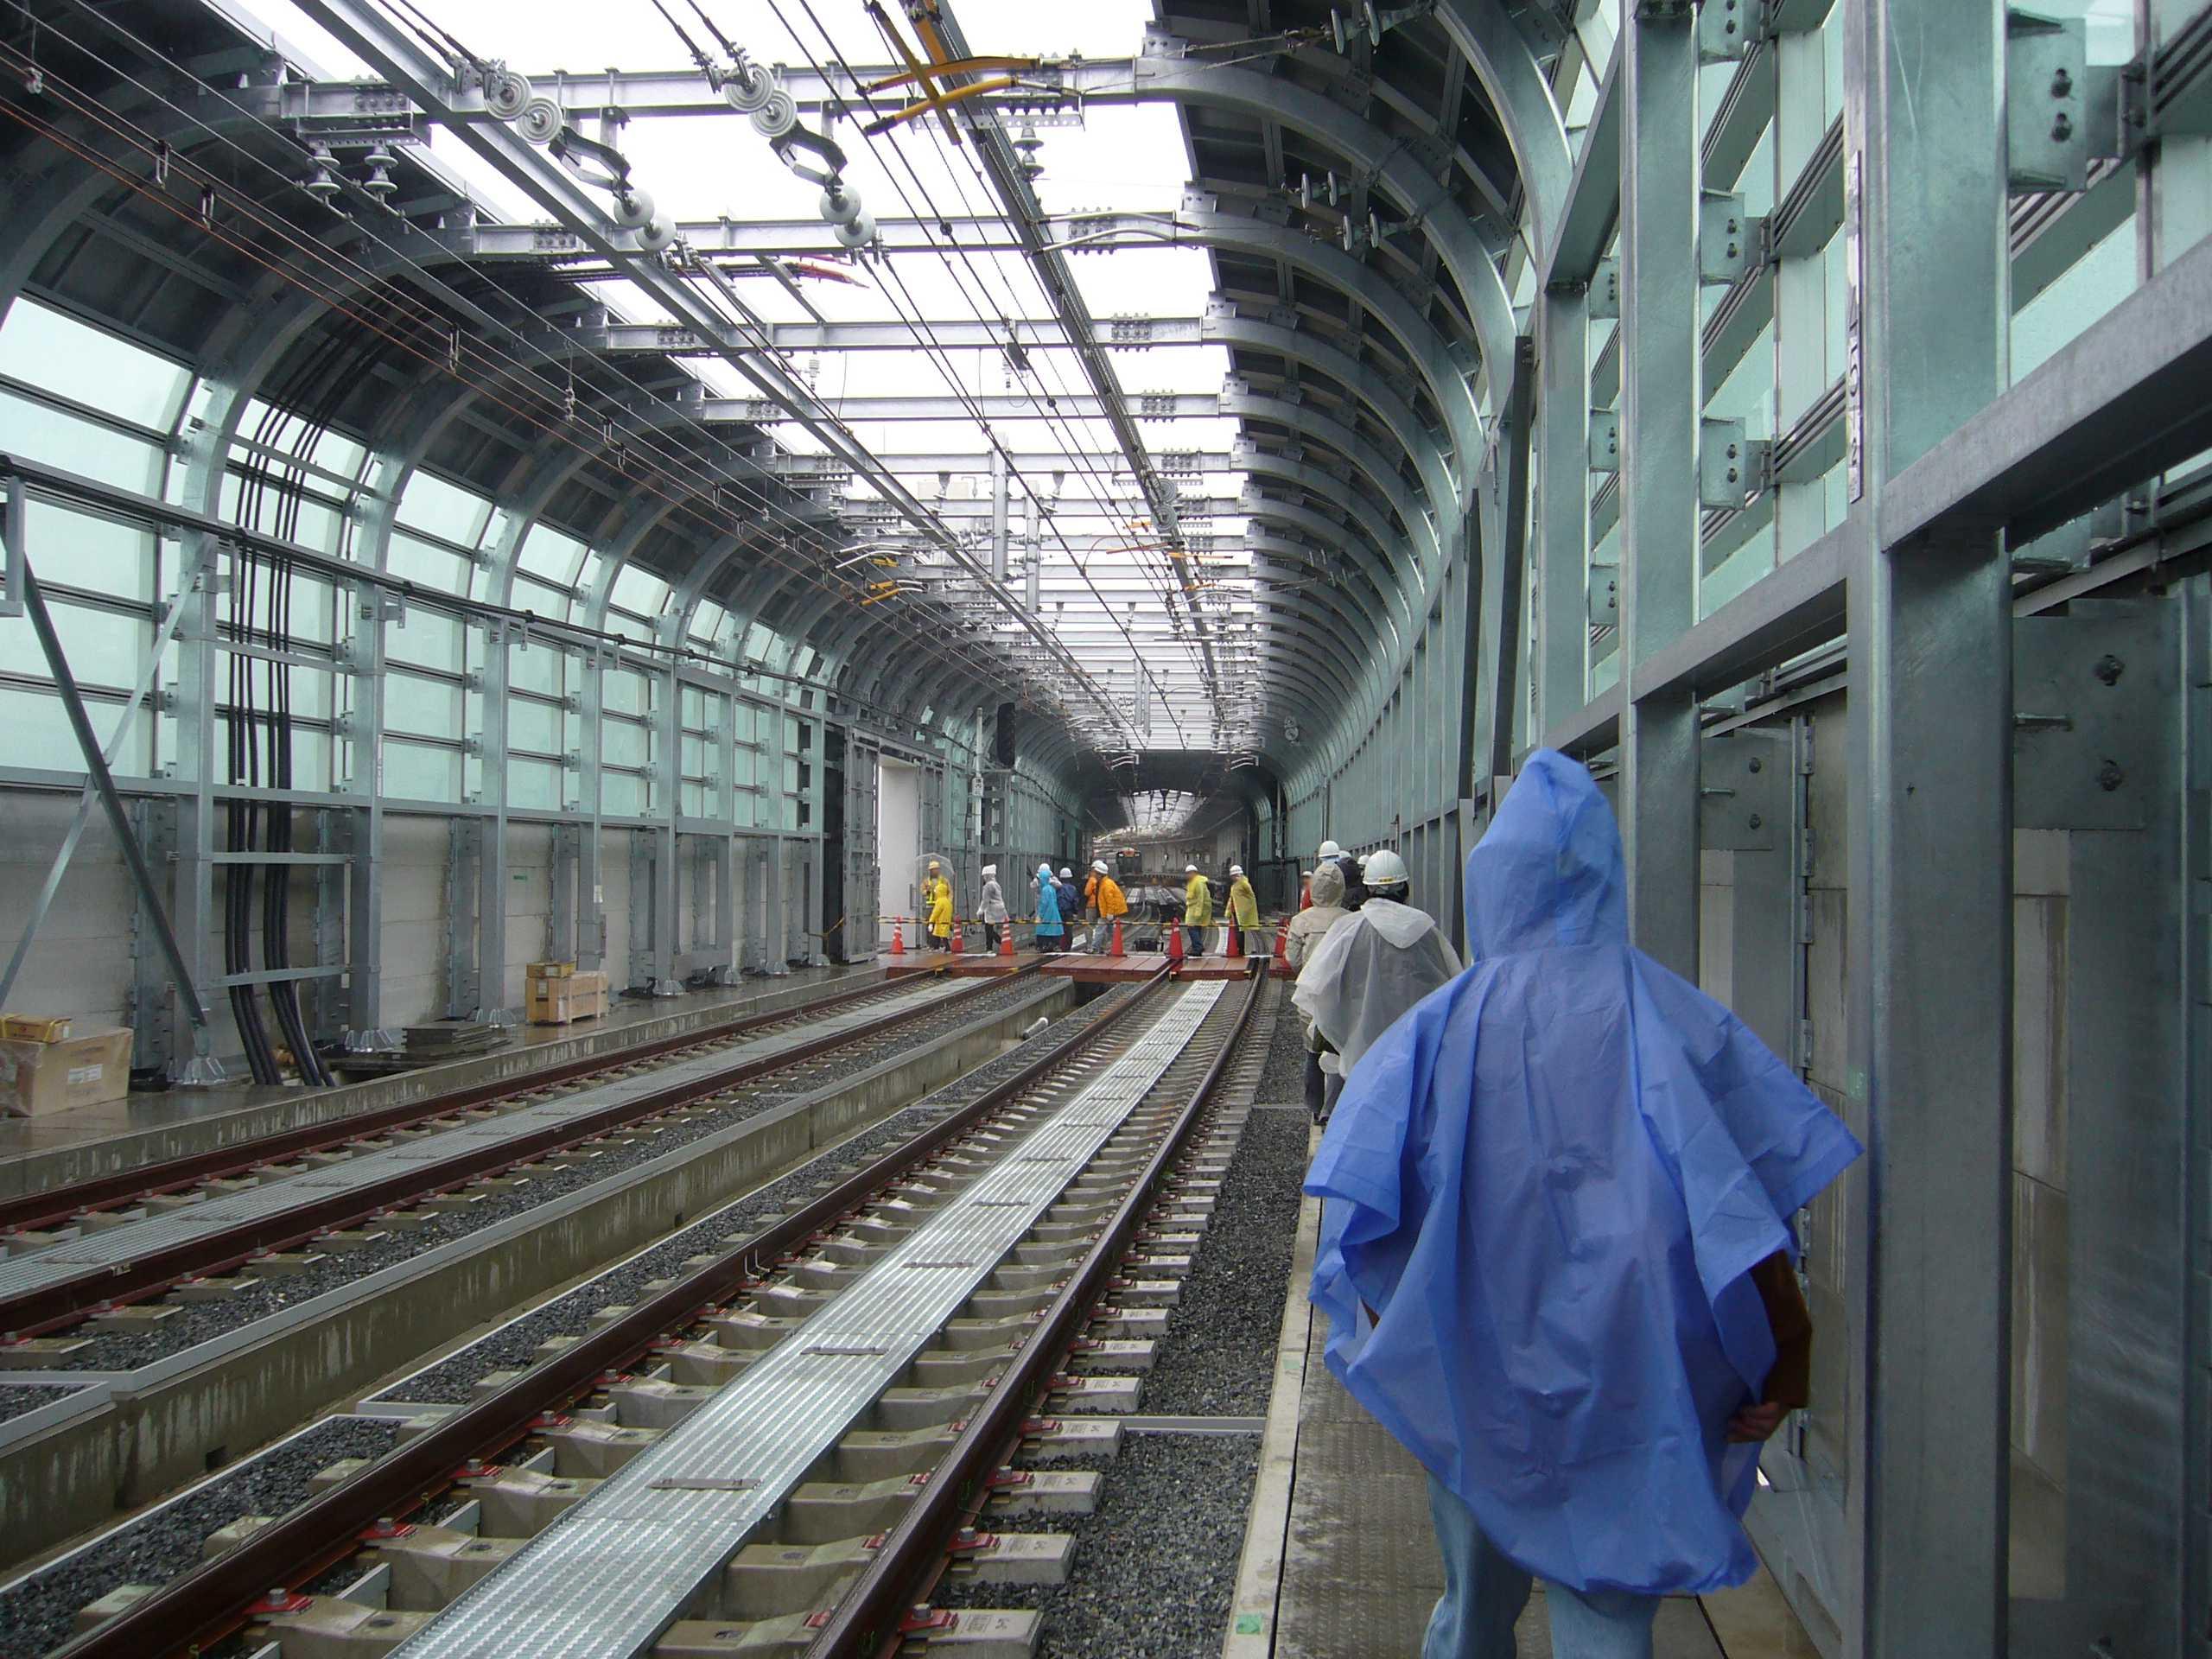 阪神なんば線九条駅と西九条駅間の高架橋から西九条駅を望む(この写真はクリックすると拡大します)